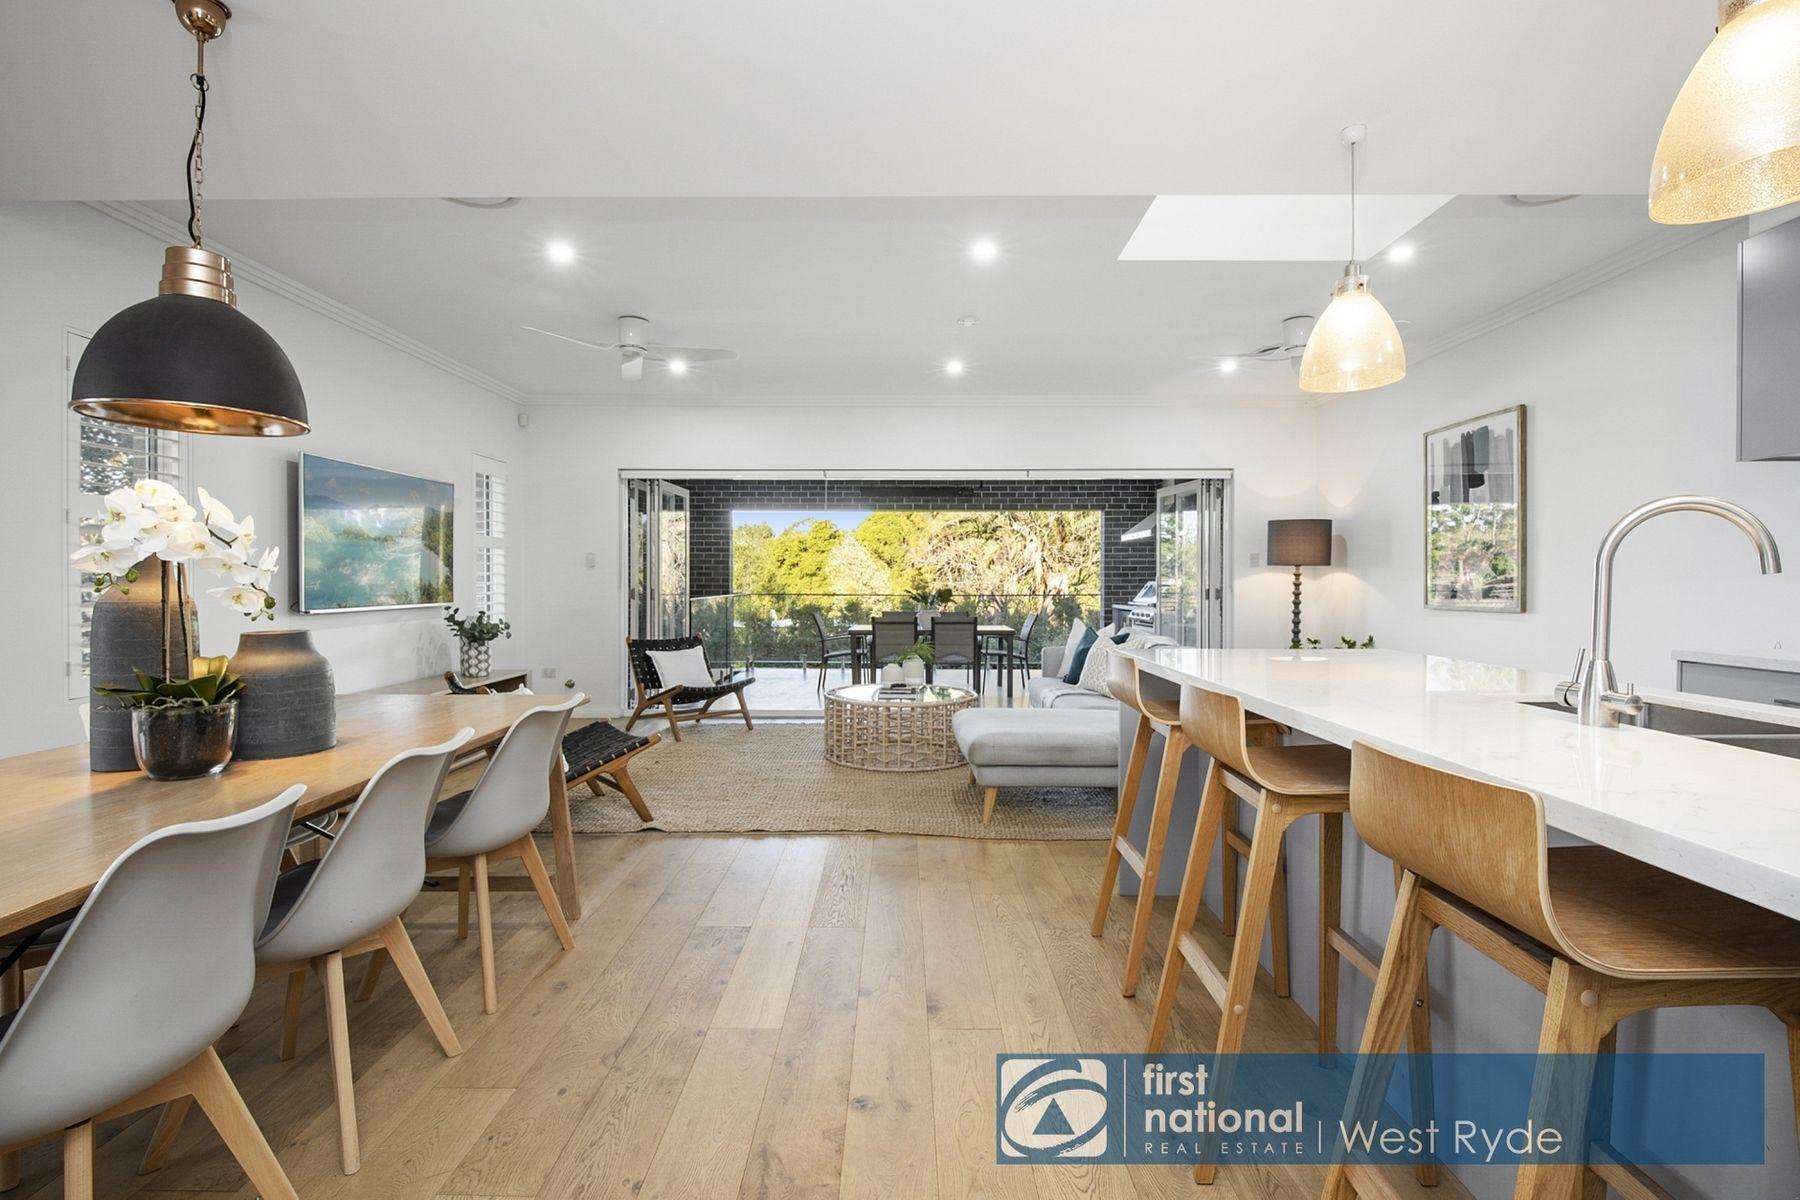 14B Ratcliffe Street, Ryde, NSW 2112